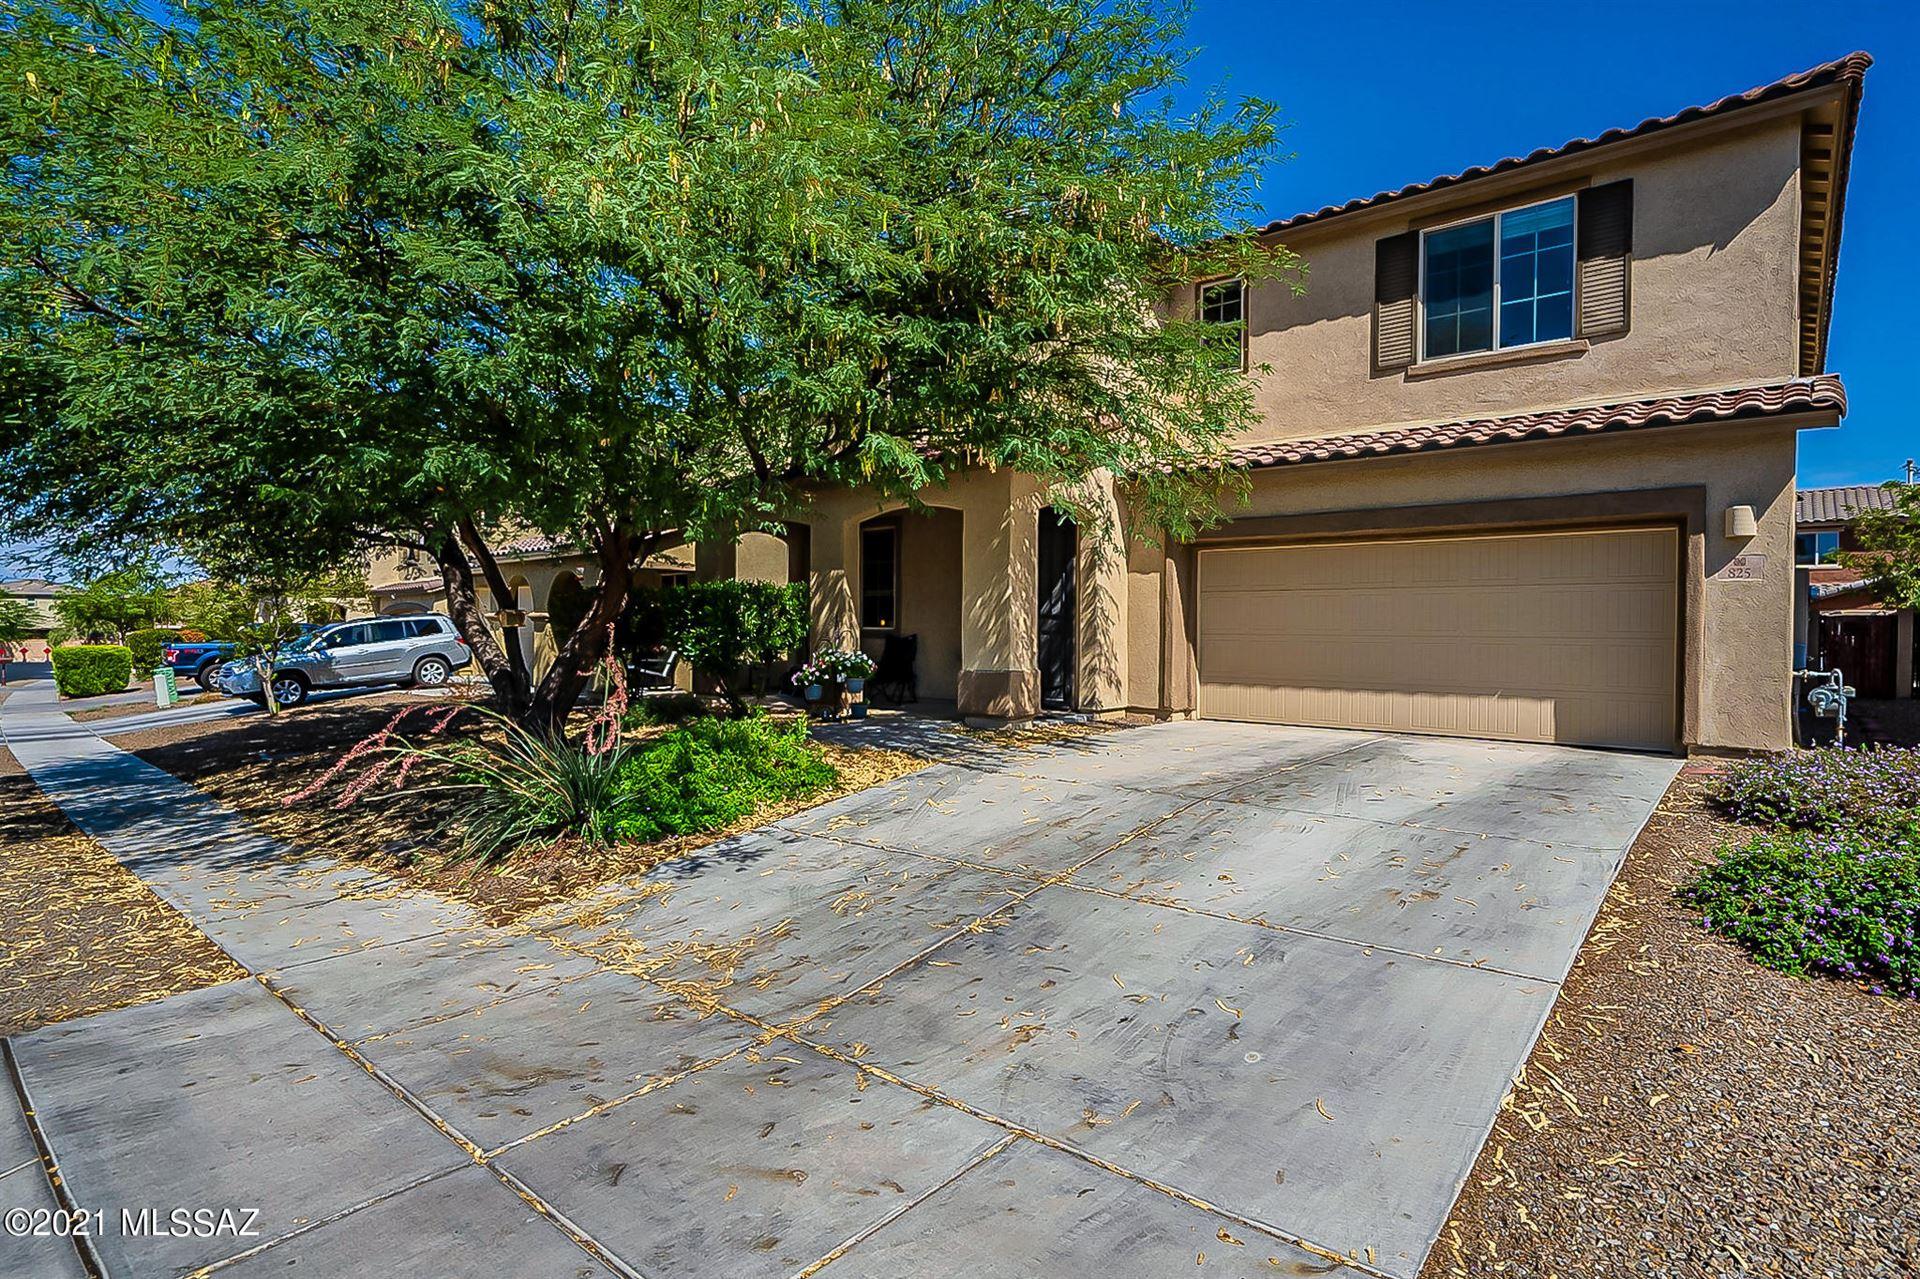 825 W Camino Capria, Sahuarita, AZ 85629 - MLS#: 22118270